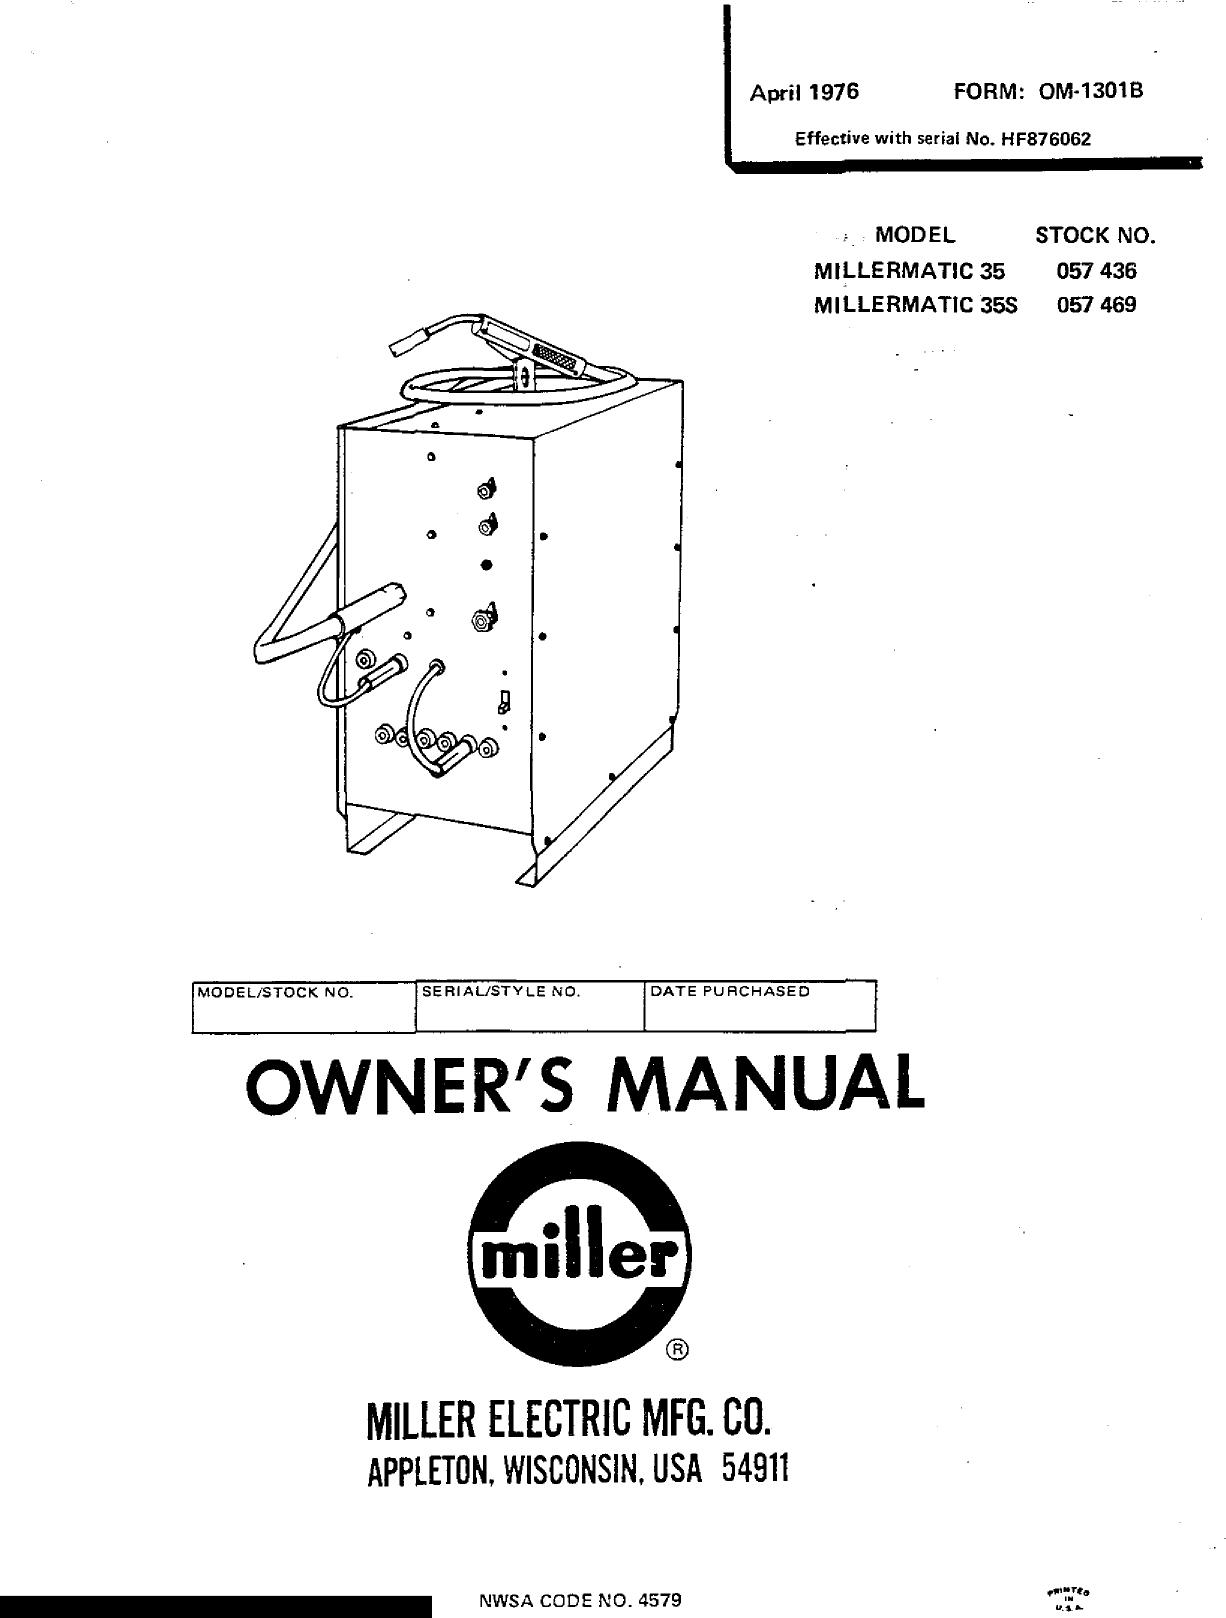 Miller Electric Millermatic 35 Owners Manual ManualsLib